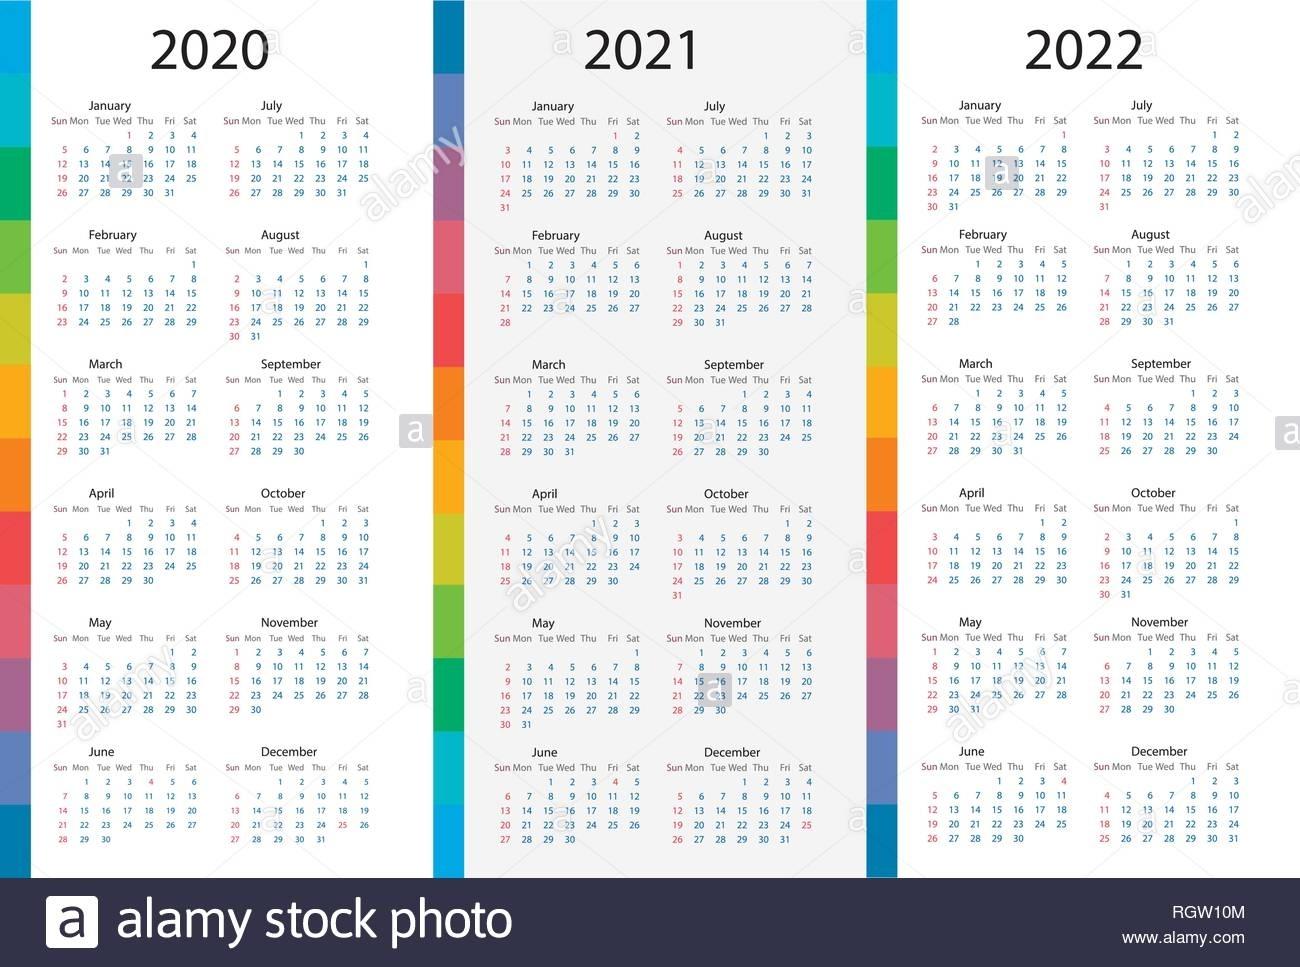 Calendario 2021 2022 Fotos E Imágenes De Stock - Alamy